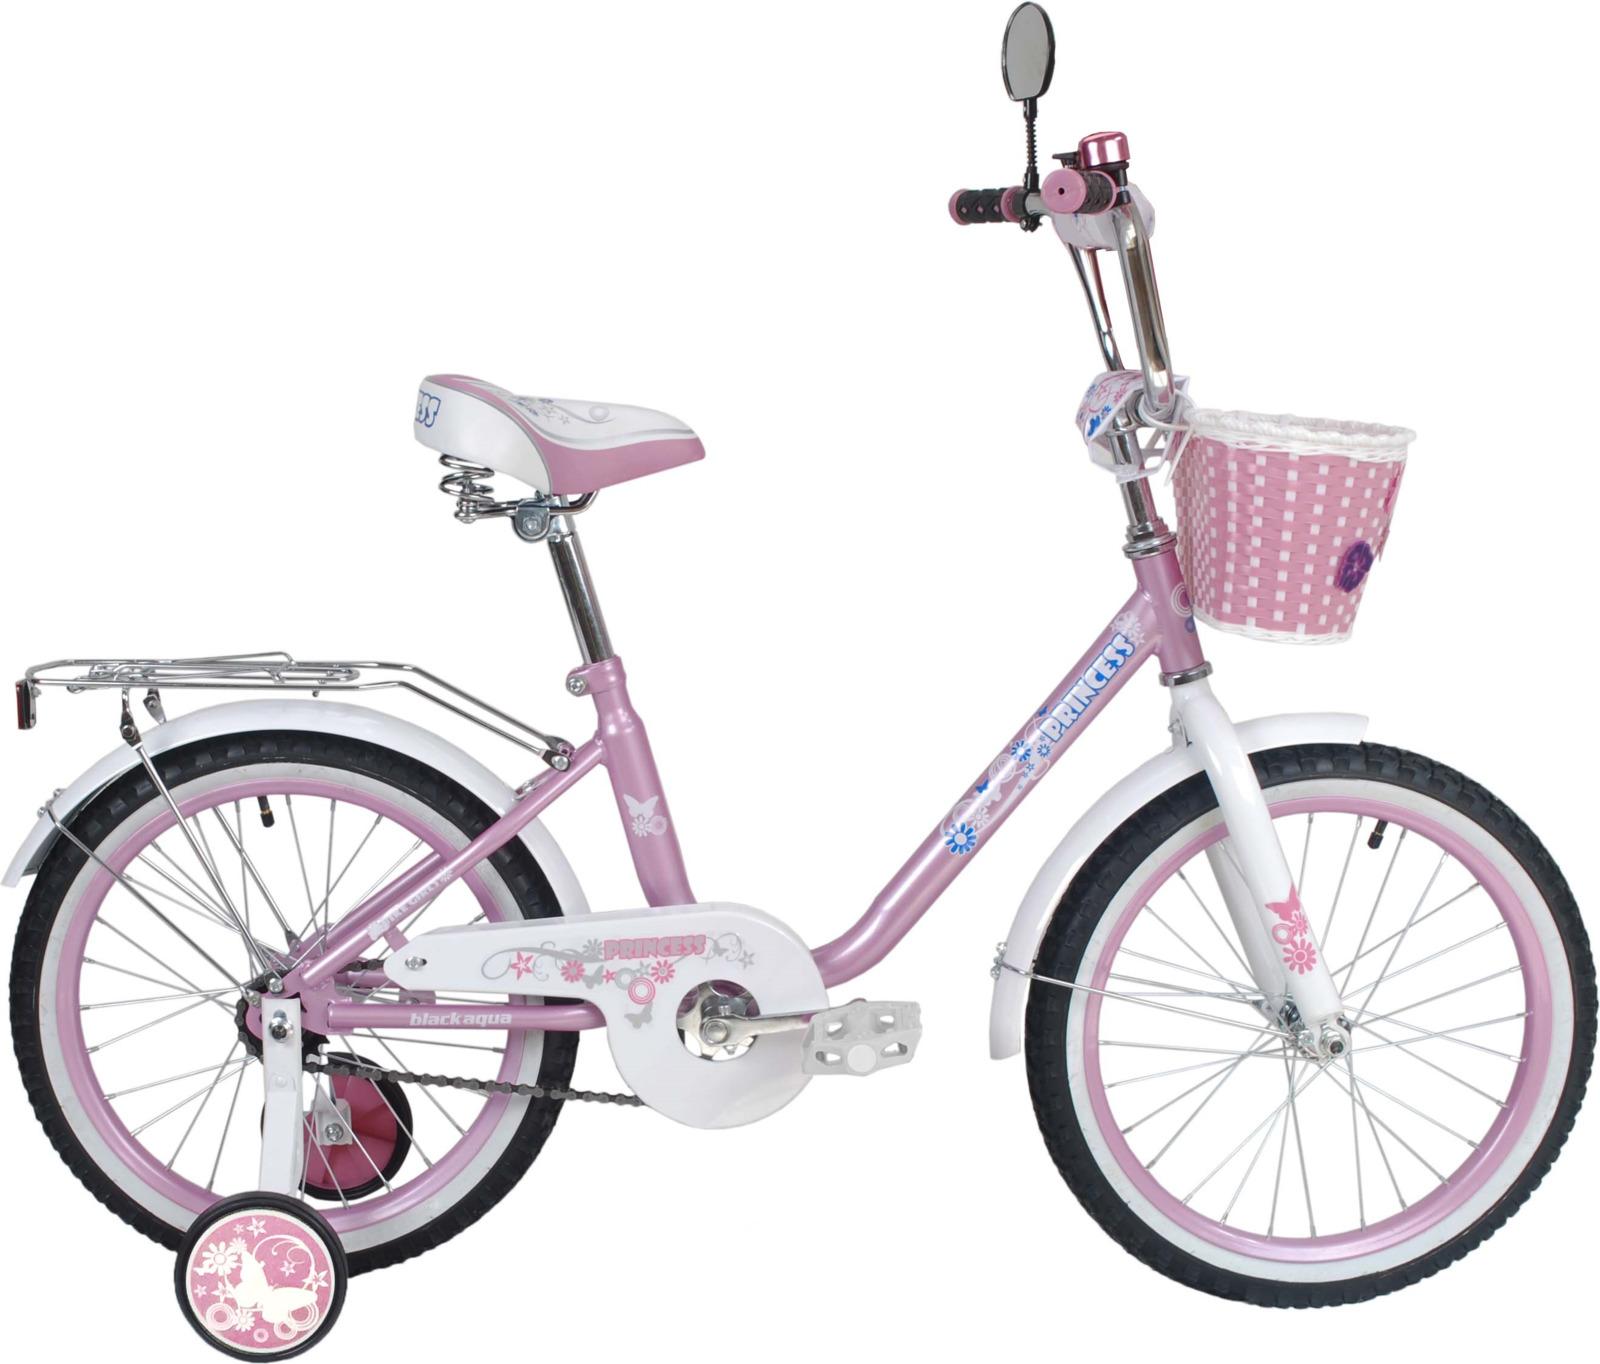 Велосипед детский Black Aqua Princess, KG1602, колесо 16, розовый, белый